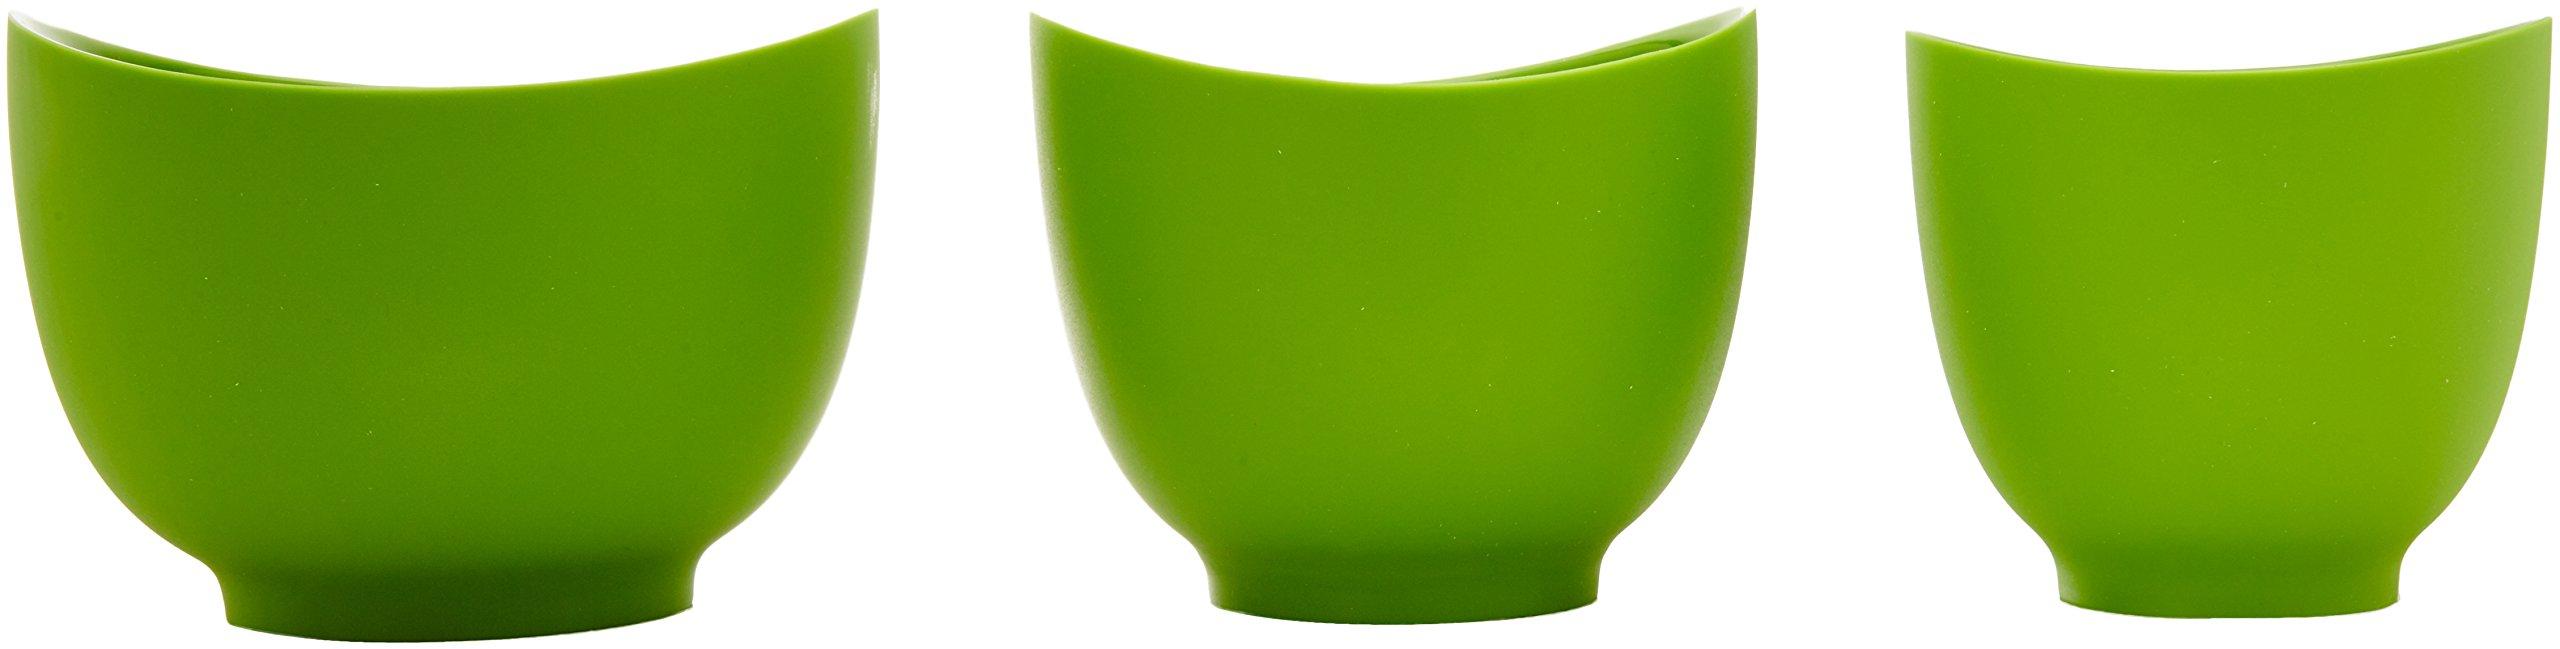 iSi Basics Flexible Silicone Mixing Bowls, Set of 3, 1 QT, 1.5 QT, 2 QT, Green (B25104) by iSi North America (Image #2)